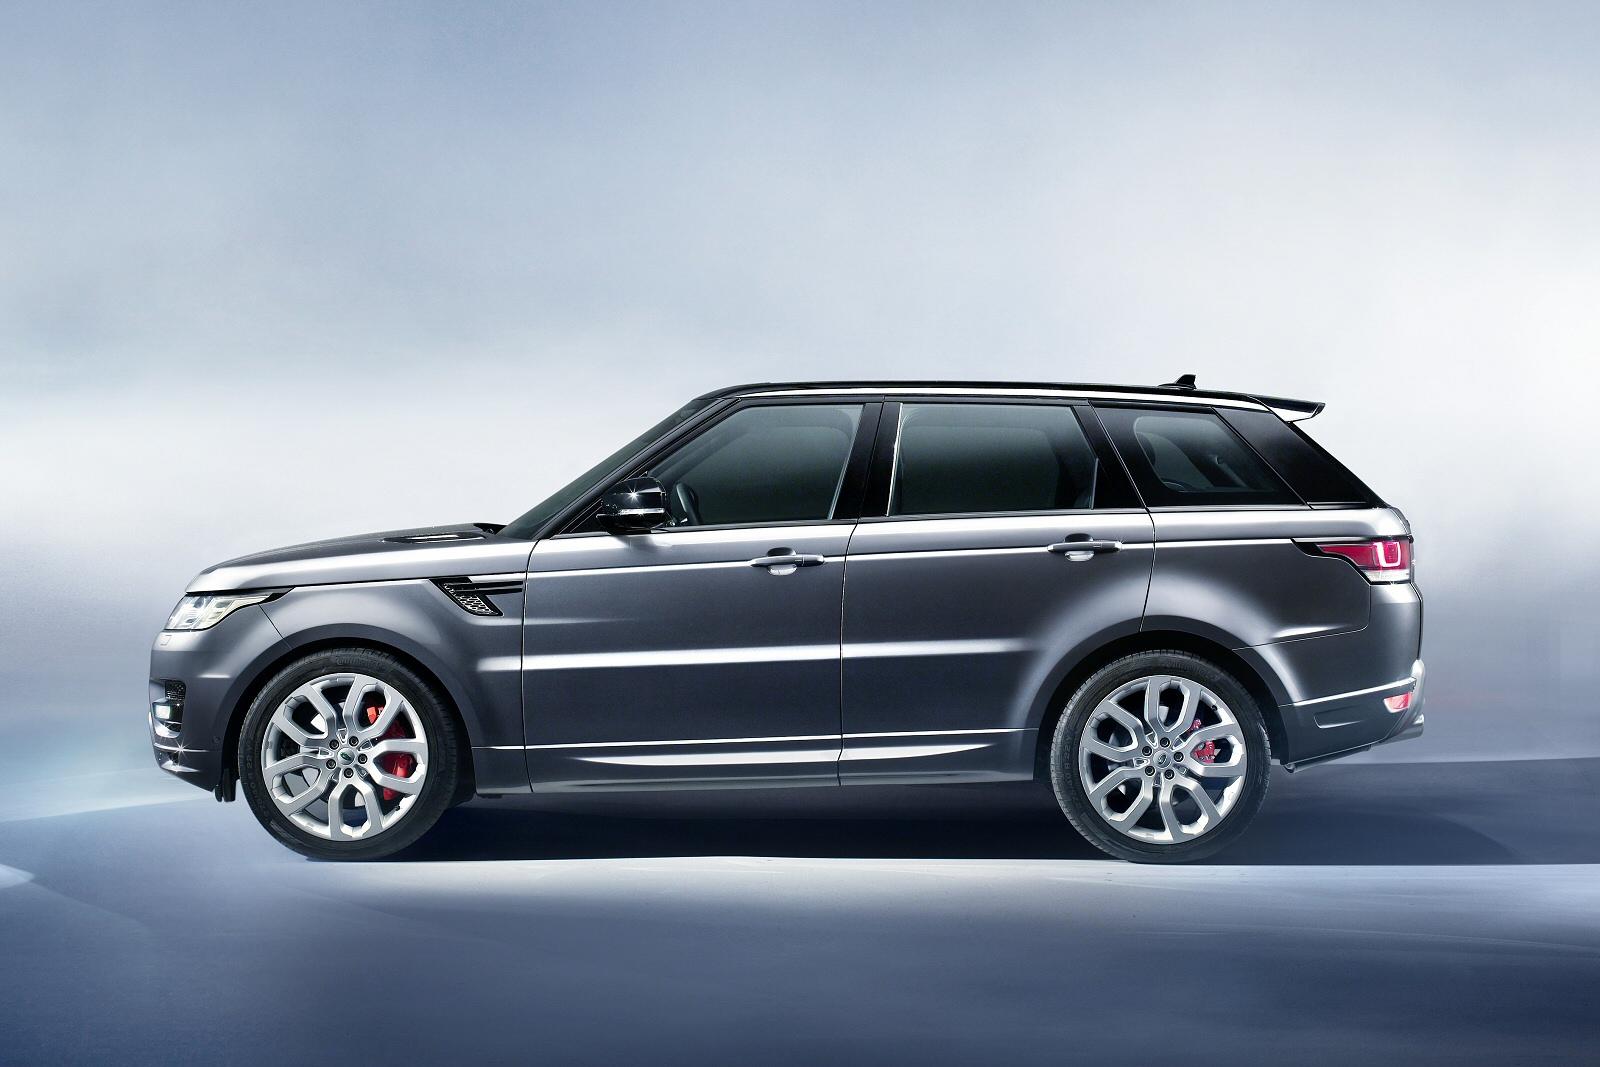 New Land Rover Range Rover Sport 3 0 Sdv6 306